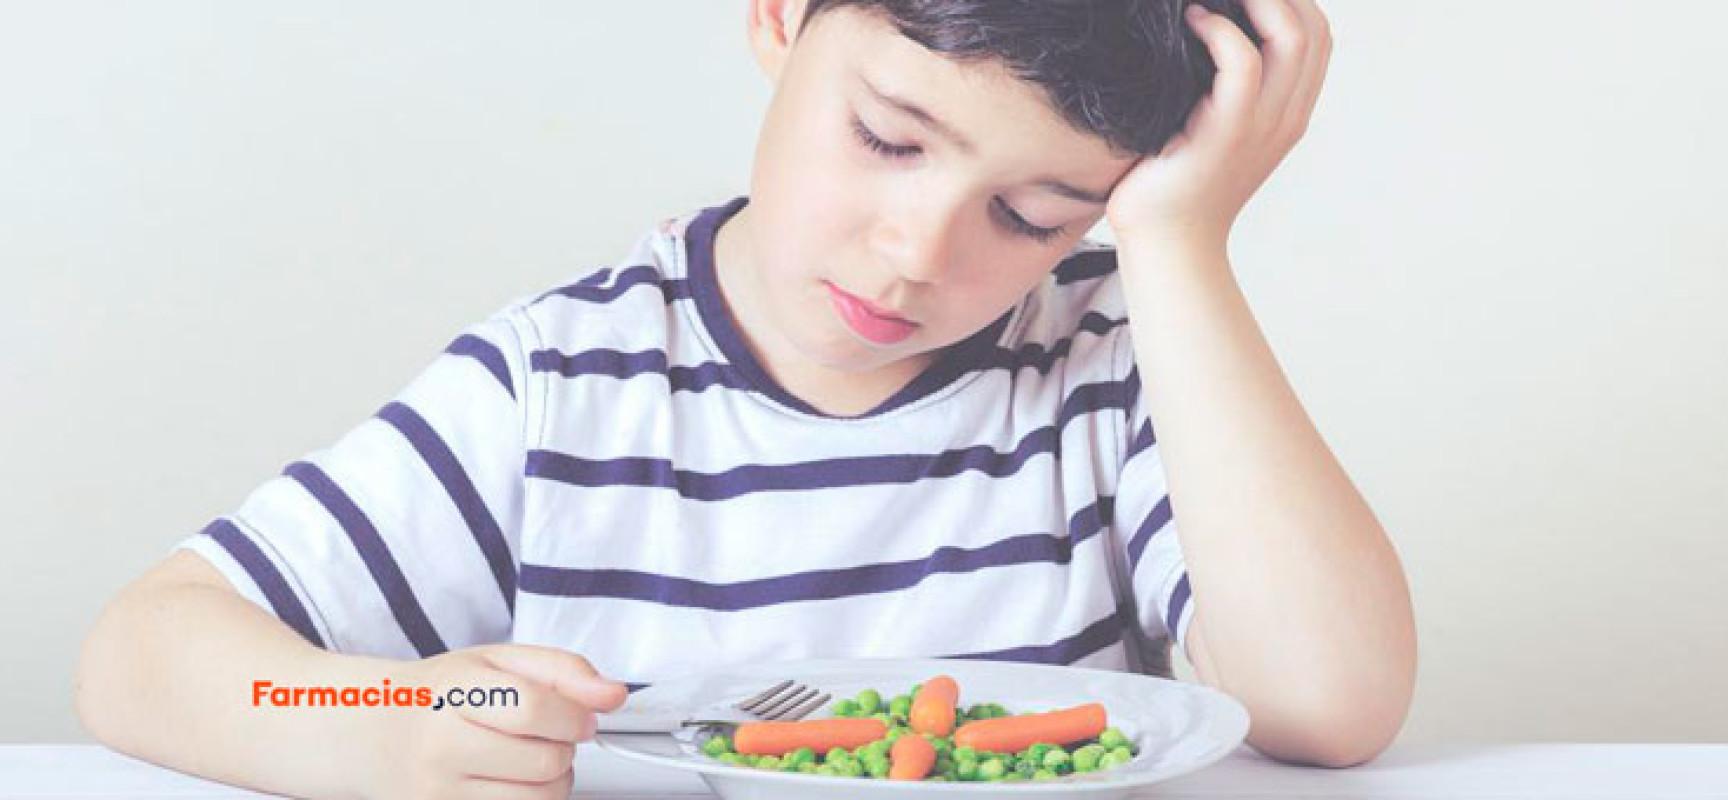 Intolerancia alimentaria: cómo detectarla